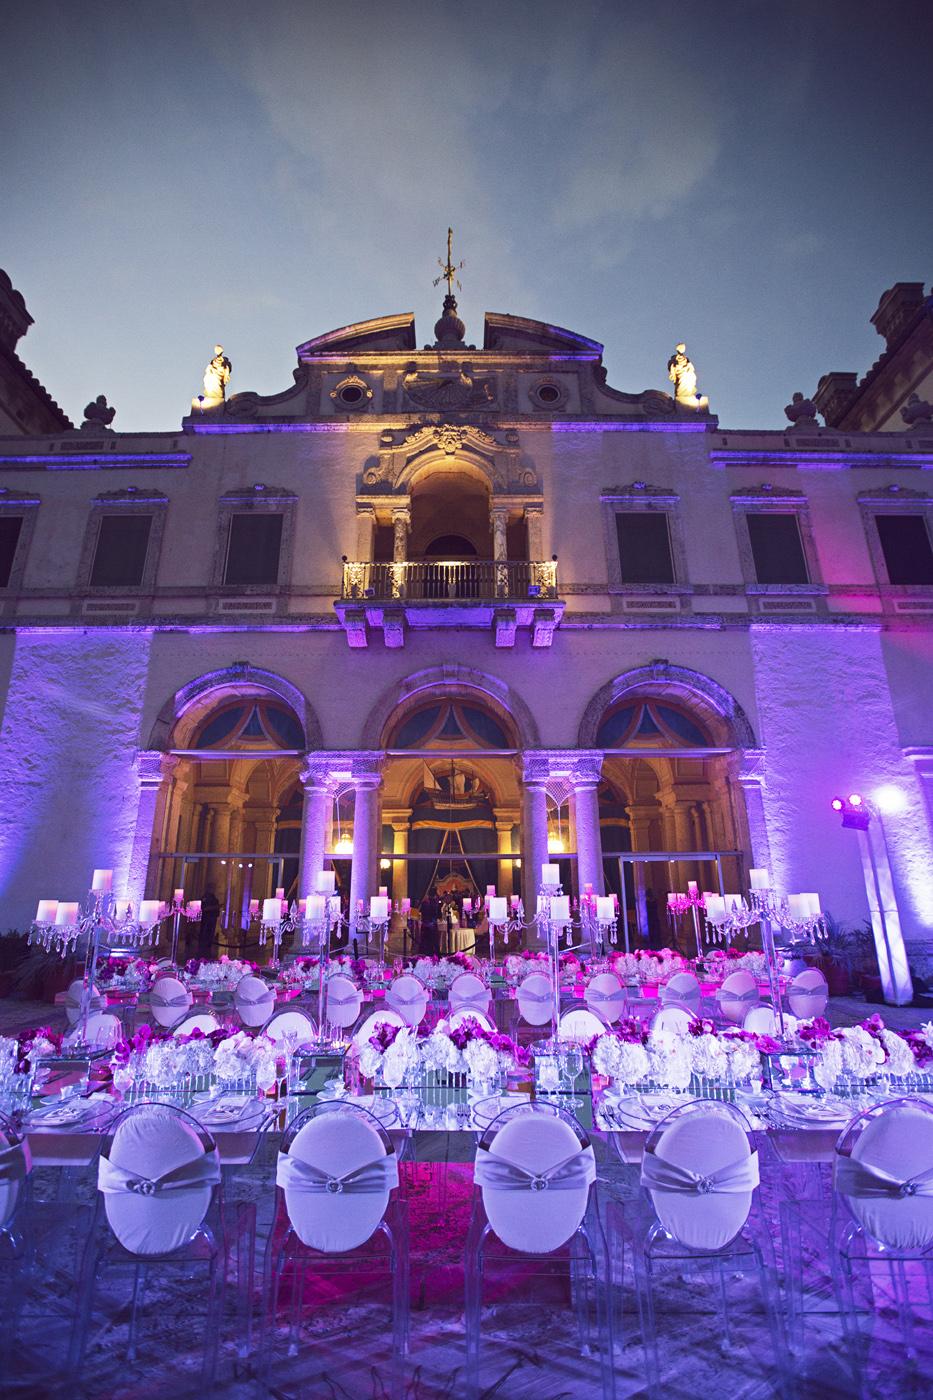 026_DukePhotography_DukeImages_Wedding_Details.jpg